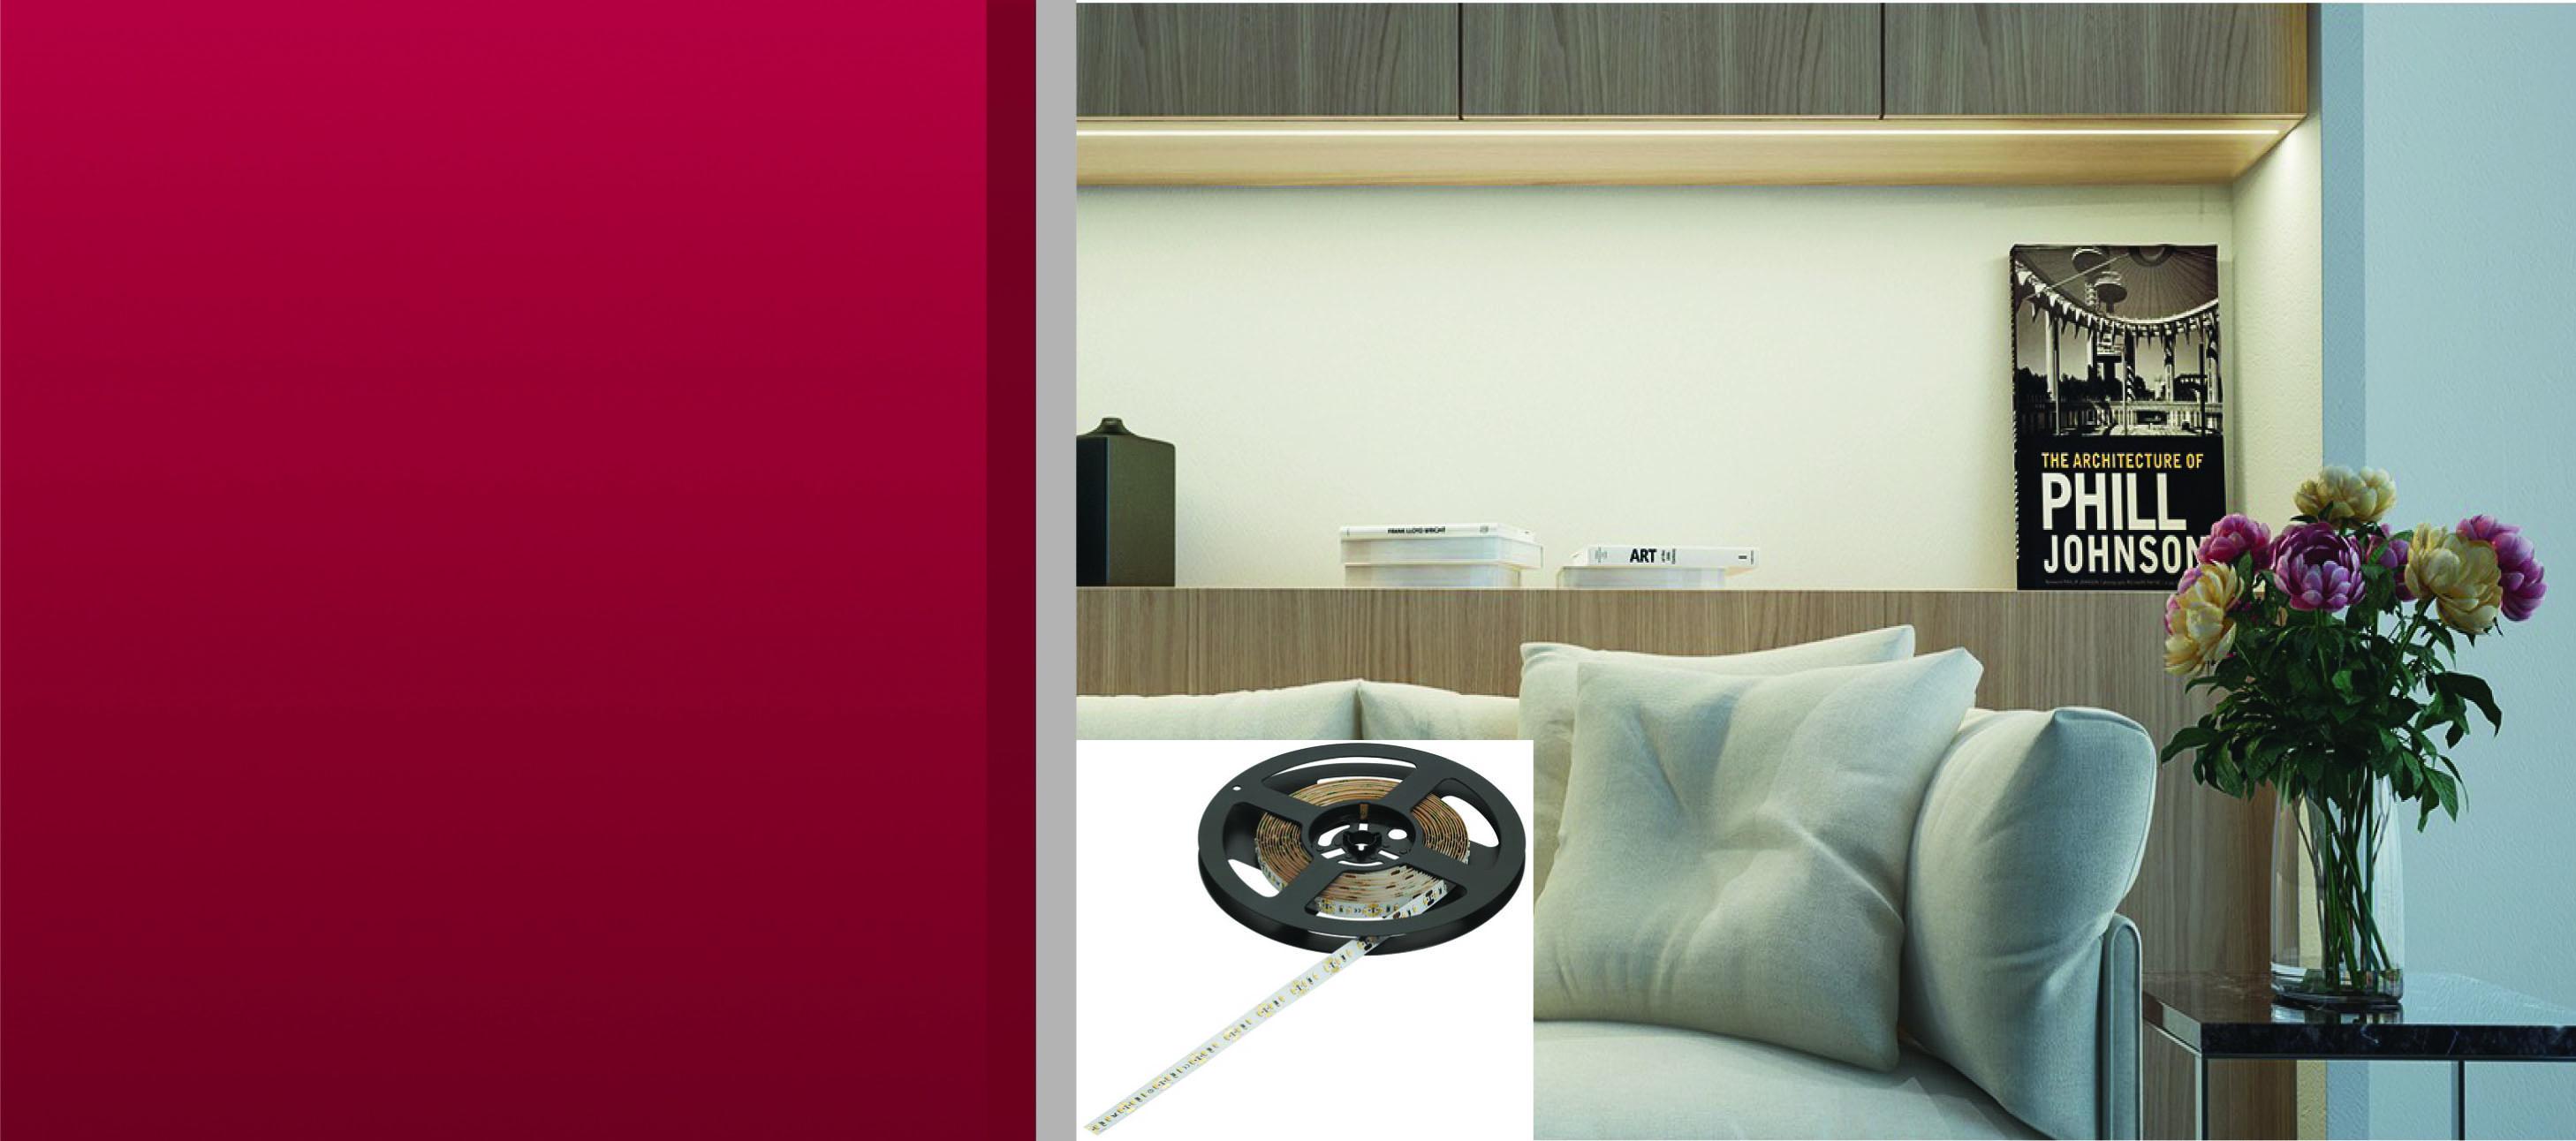 beslag schuifdeuren meubelgrepen online kopen h fele shop belgi. Black Bedroom Furniture Sets. Home Design Ideas